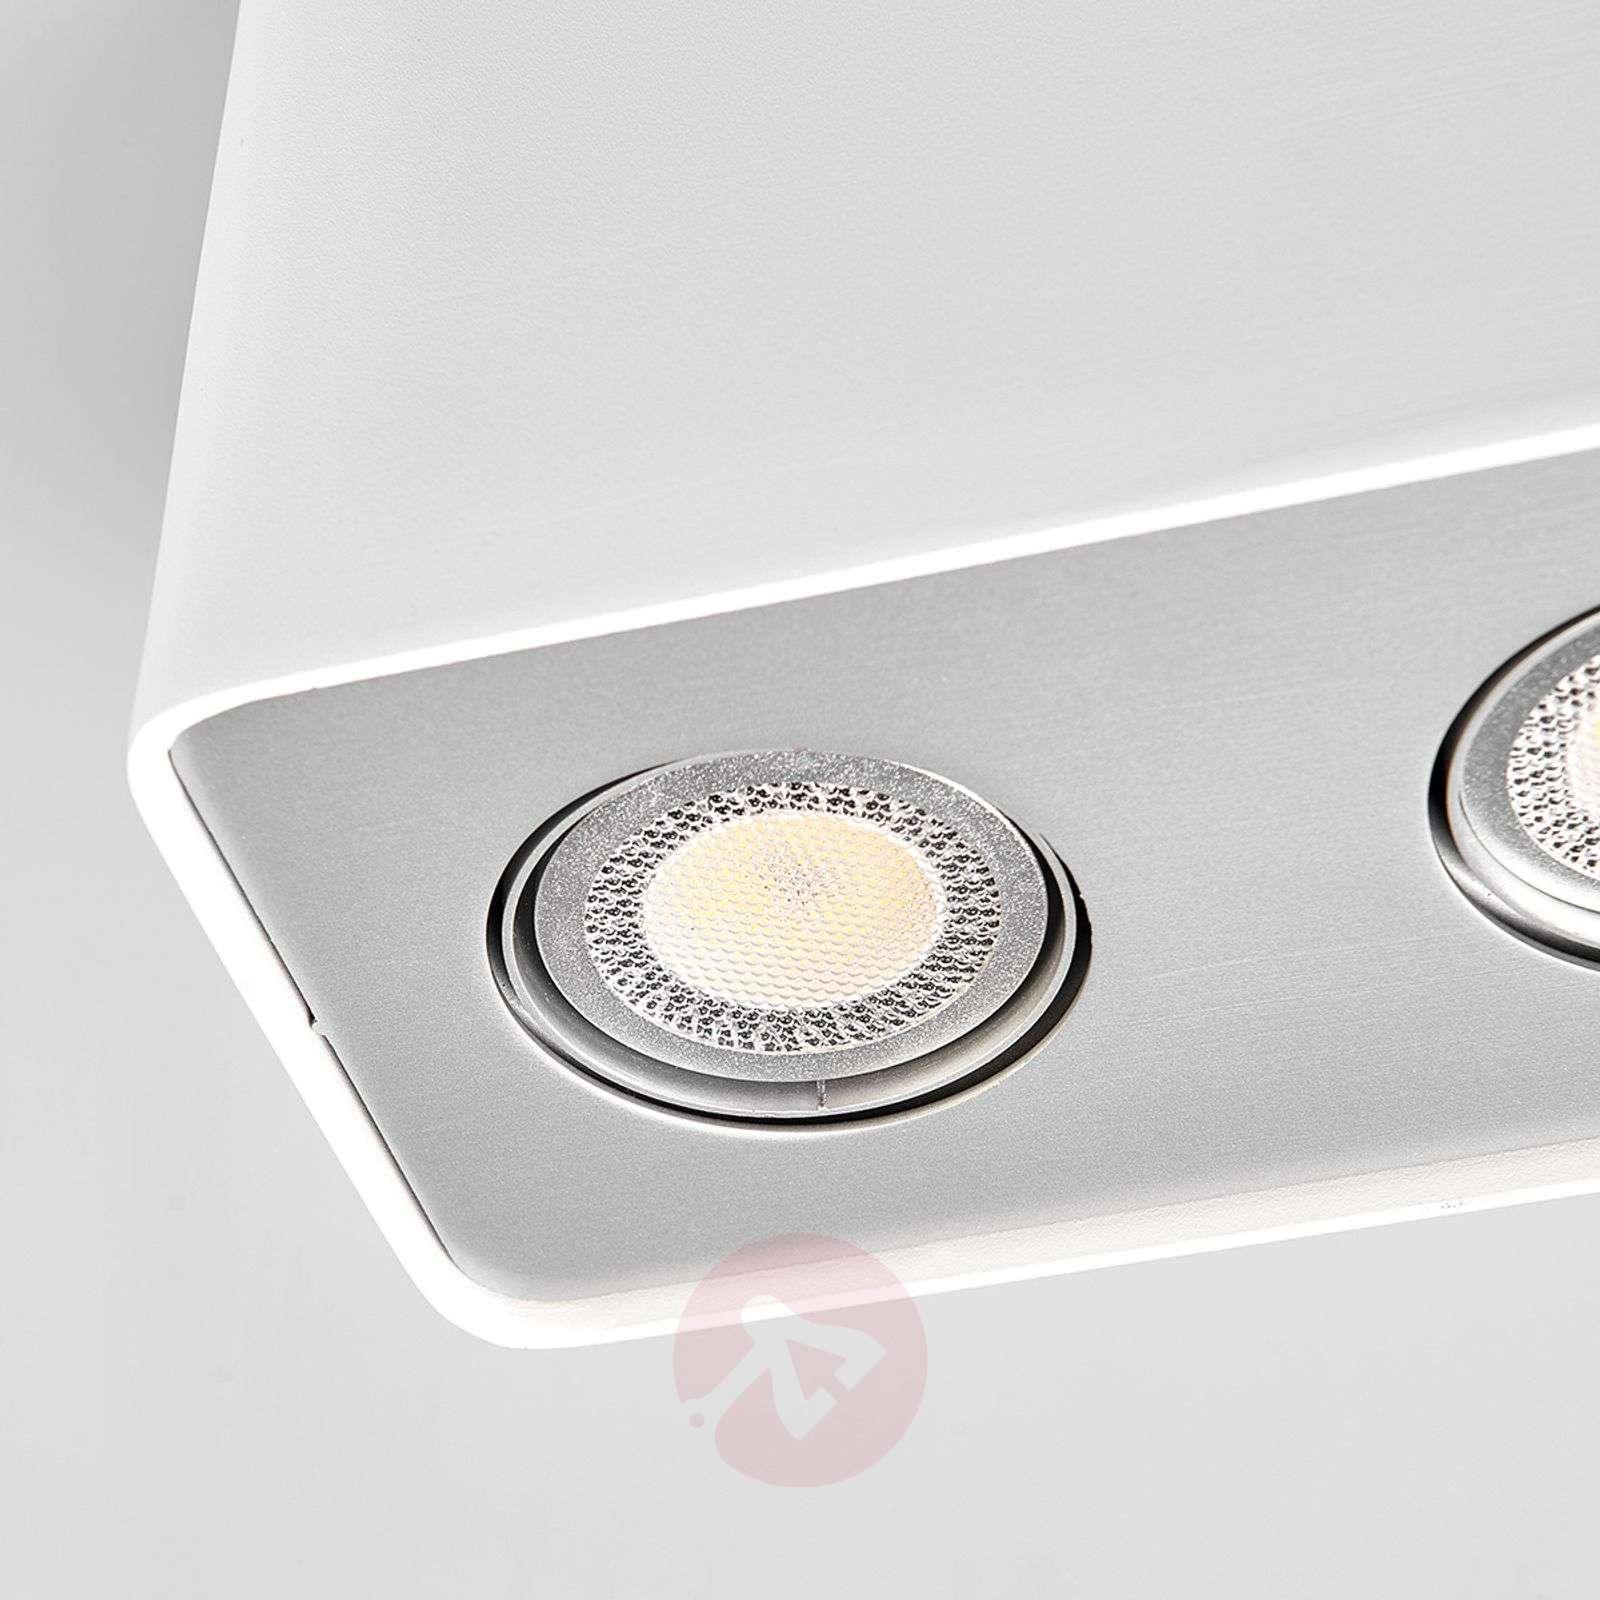 LED-alasvalo Giliano 3-lampp. kulmikas, valkoinen-9975007-01